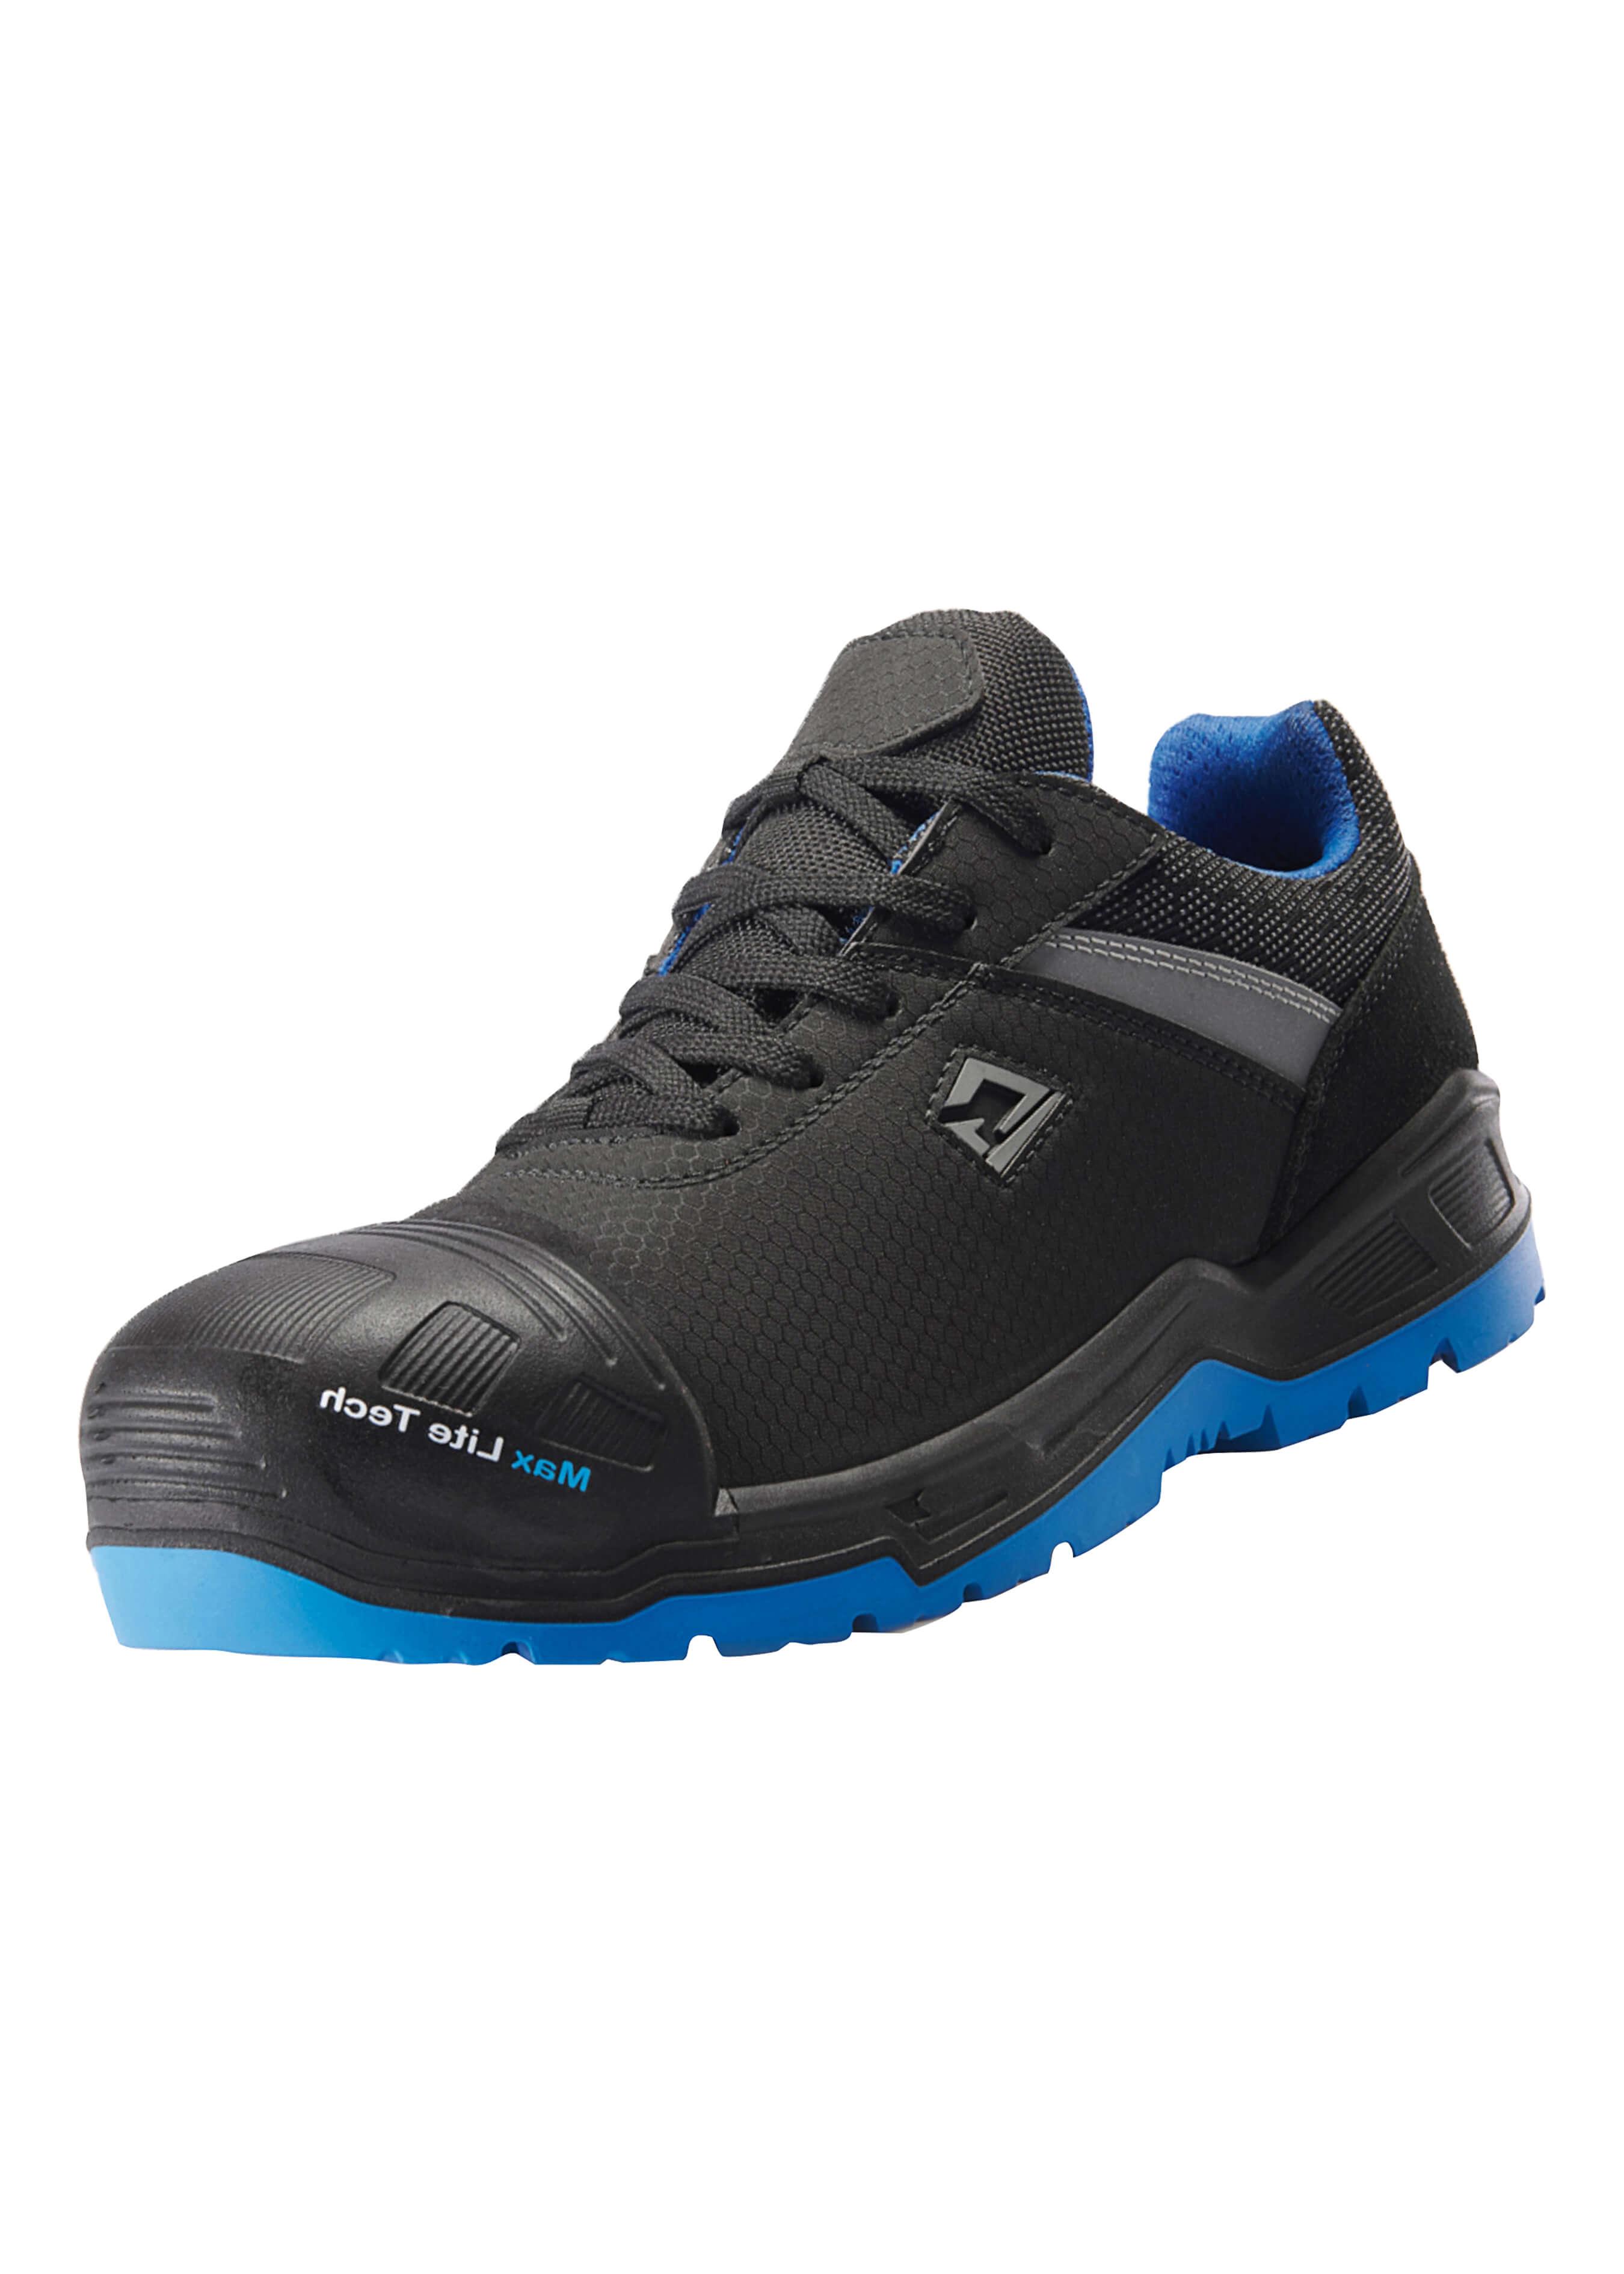 Chaussure de sécurité S3 basse Gotham Max Lite Tech 42841038 1